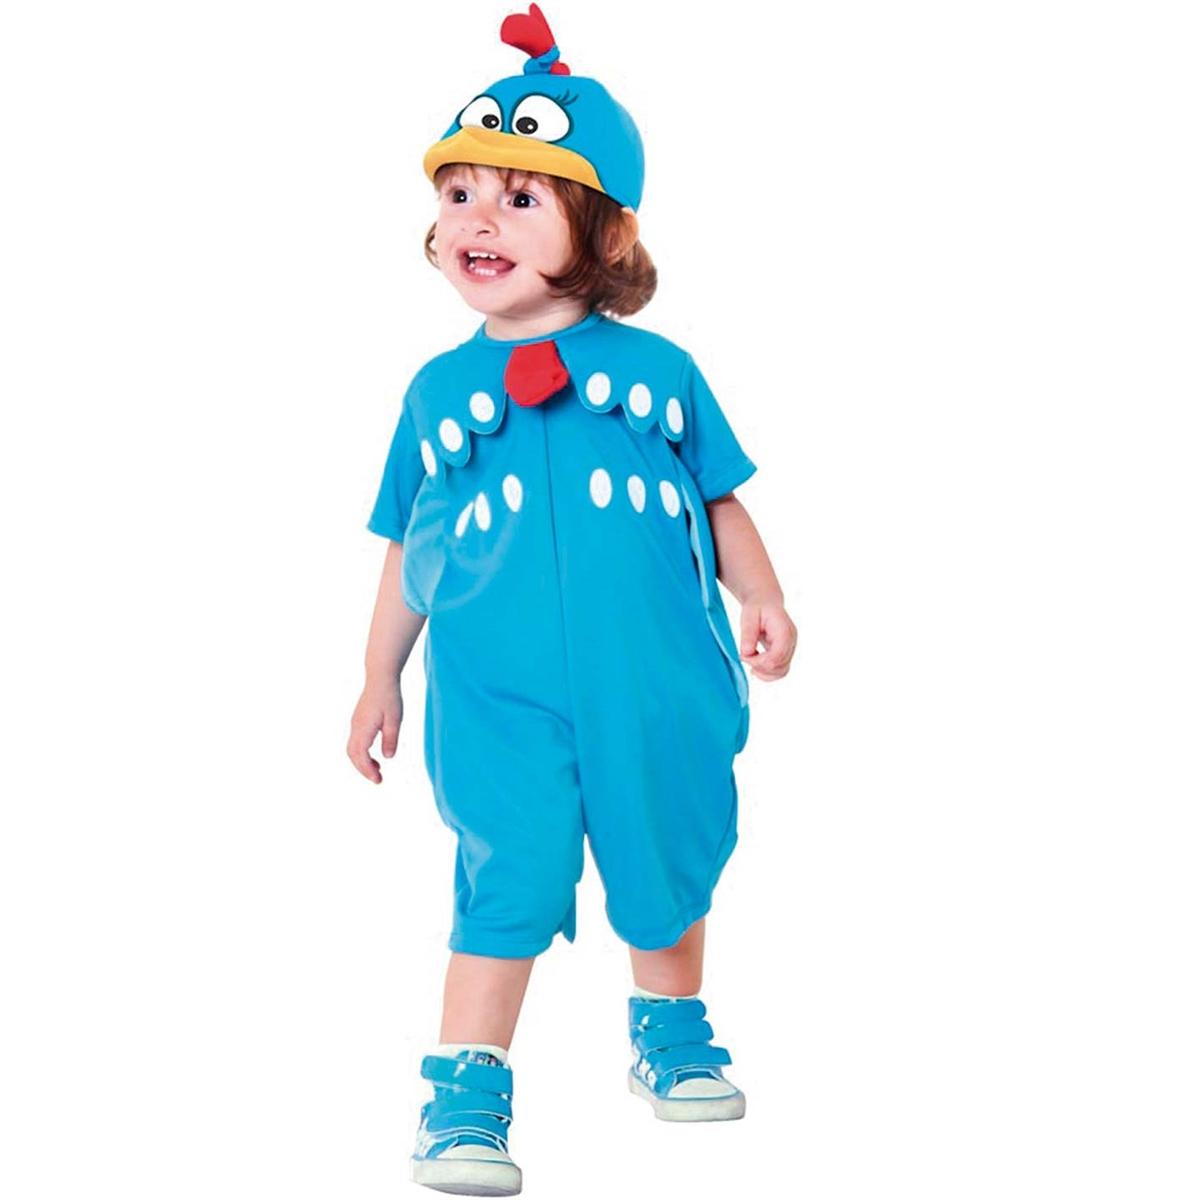 criança usando fantasia de carnaval para bebes de um ano da galinha pintadinha